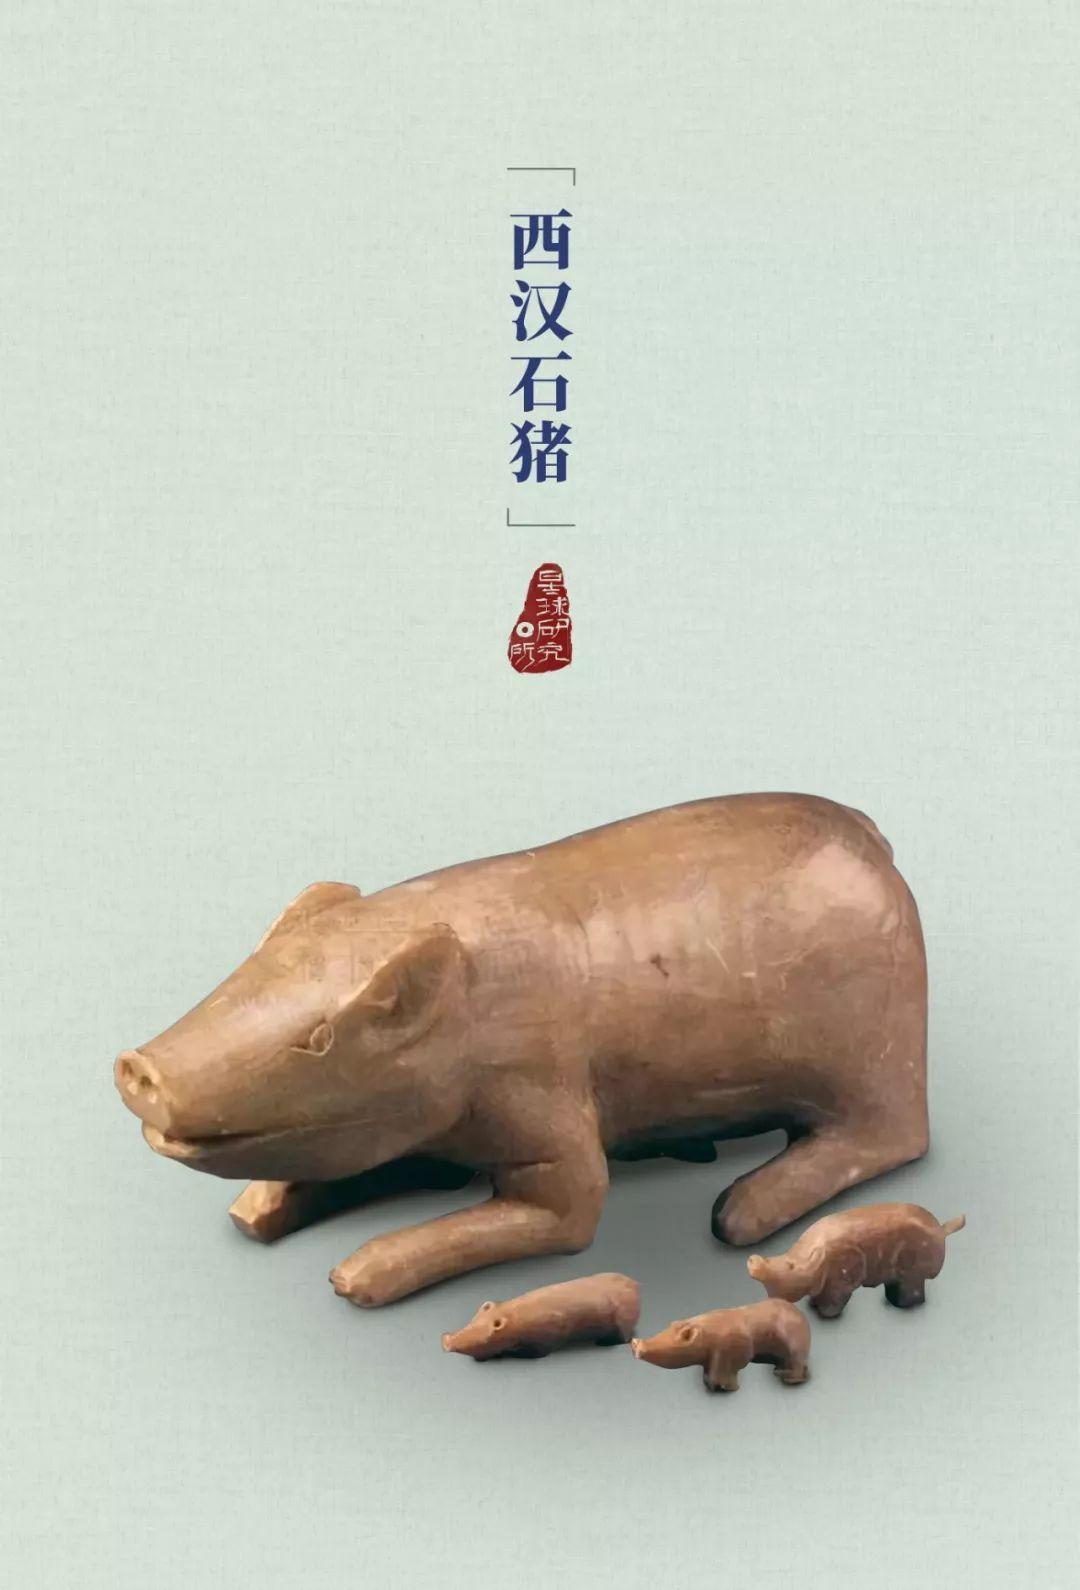 猪交配图_中国不能没有猪_百科TA说